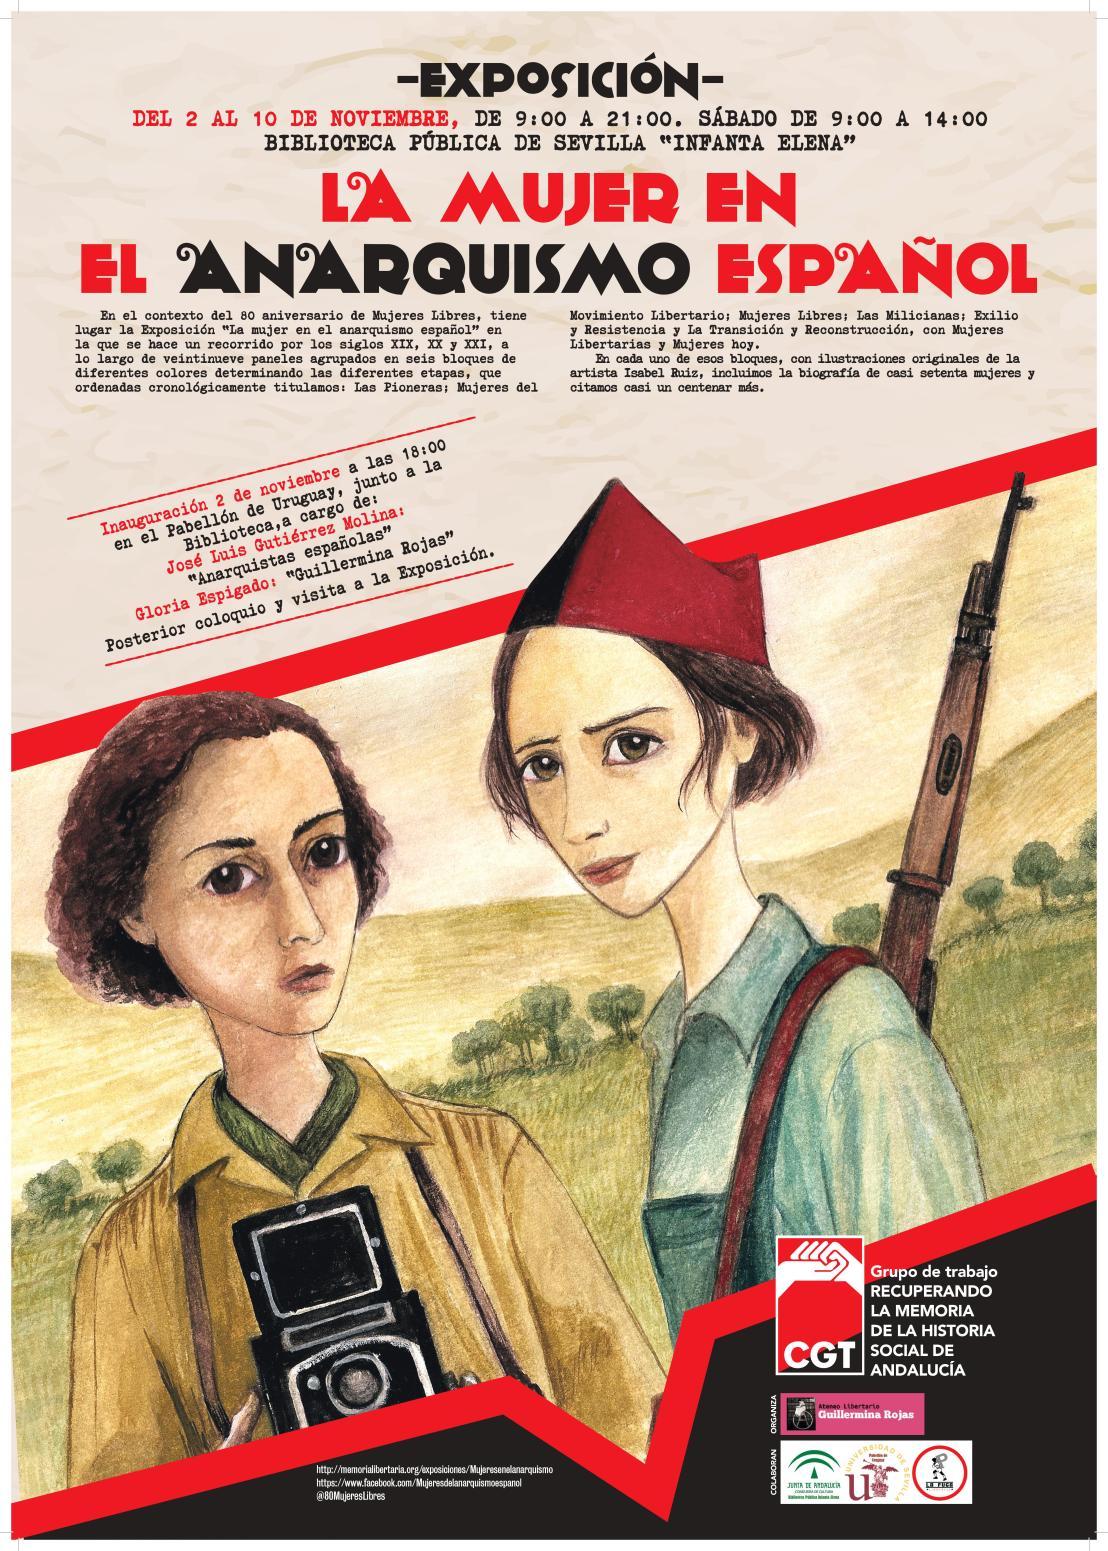 """Exposición """"La mujer en el anarquismo español"""", del 2 al 10 de noviembre en la BibliotecaPública."""